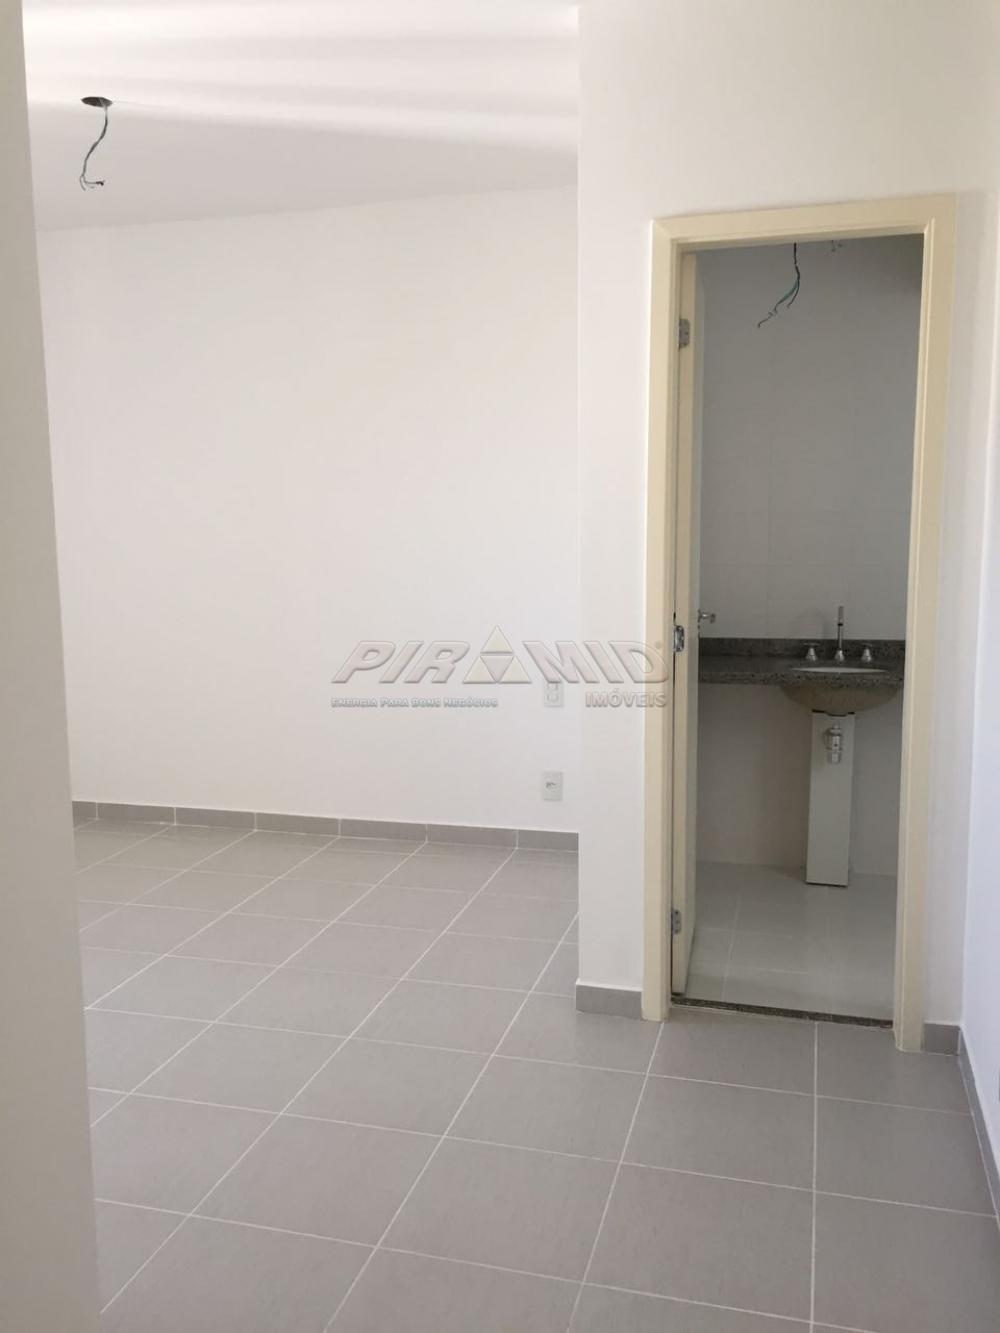 Comprar Apartamento / Padrão em Ribeirão Preto apenas R$ 530.000,00 - Foto 1